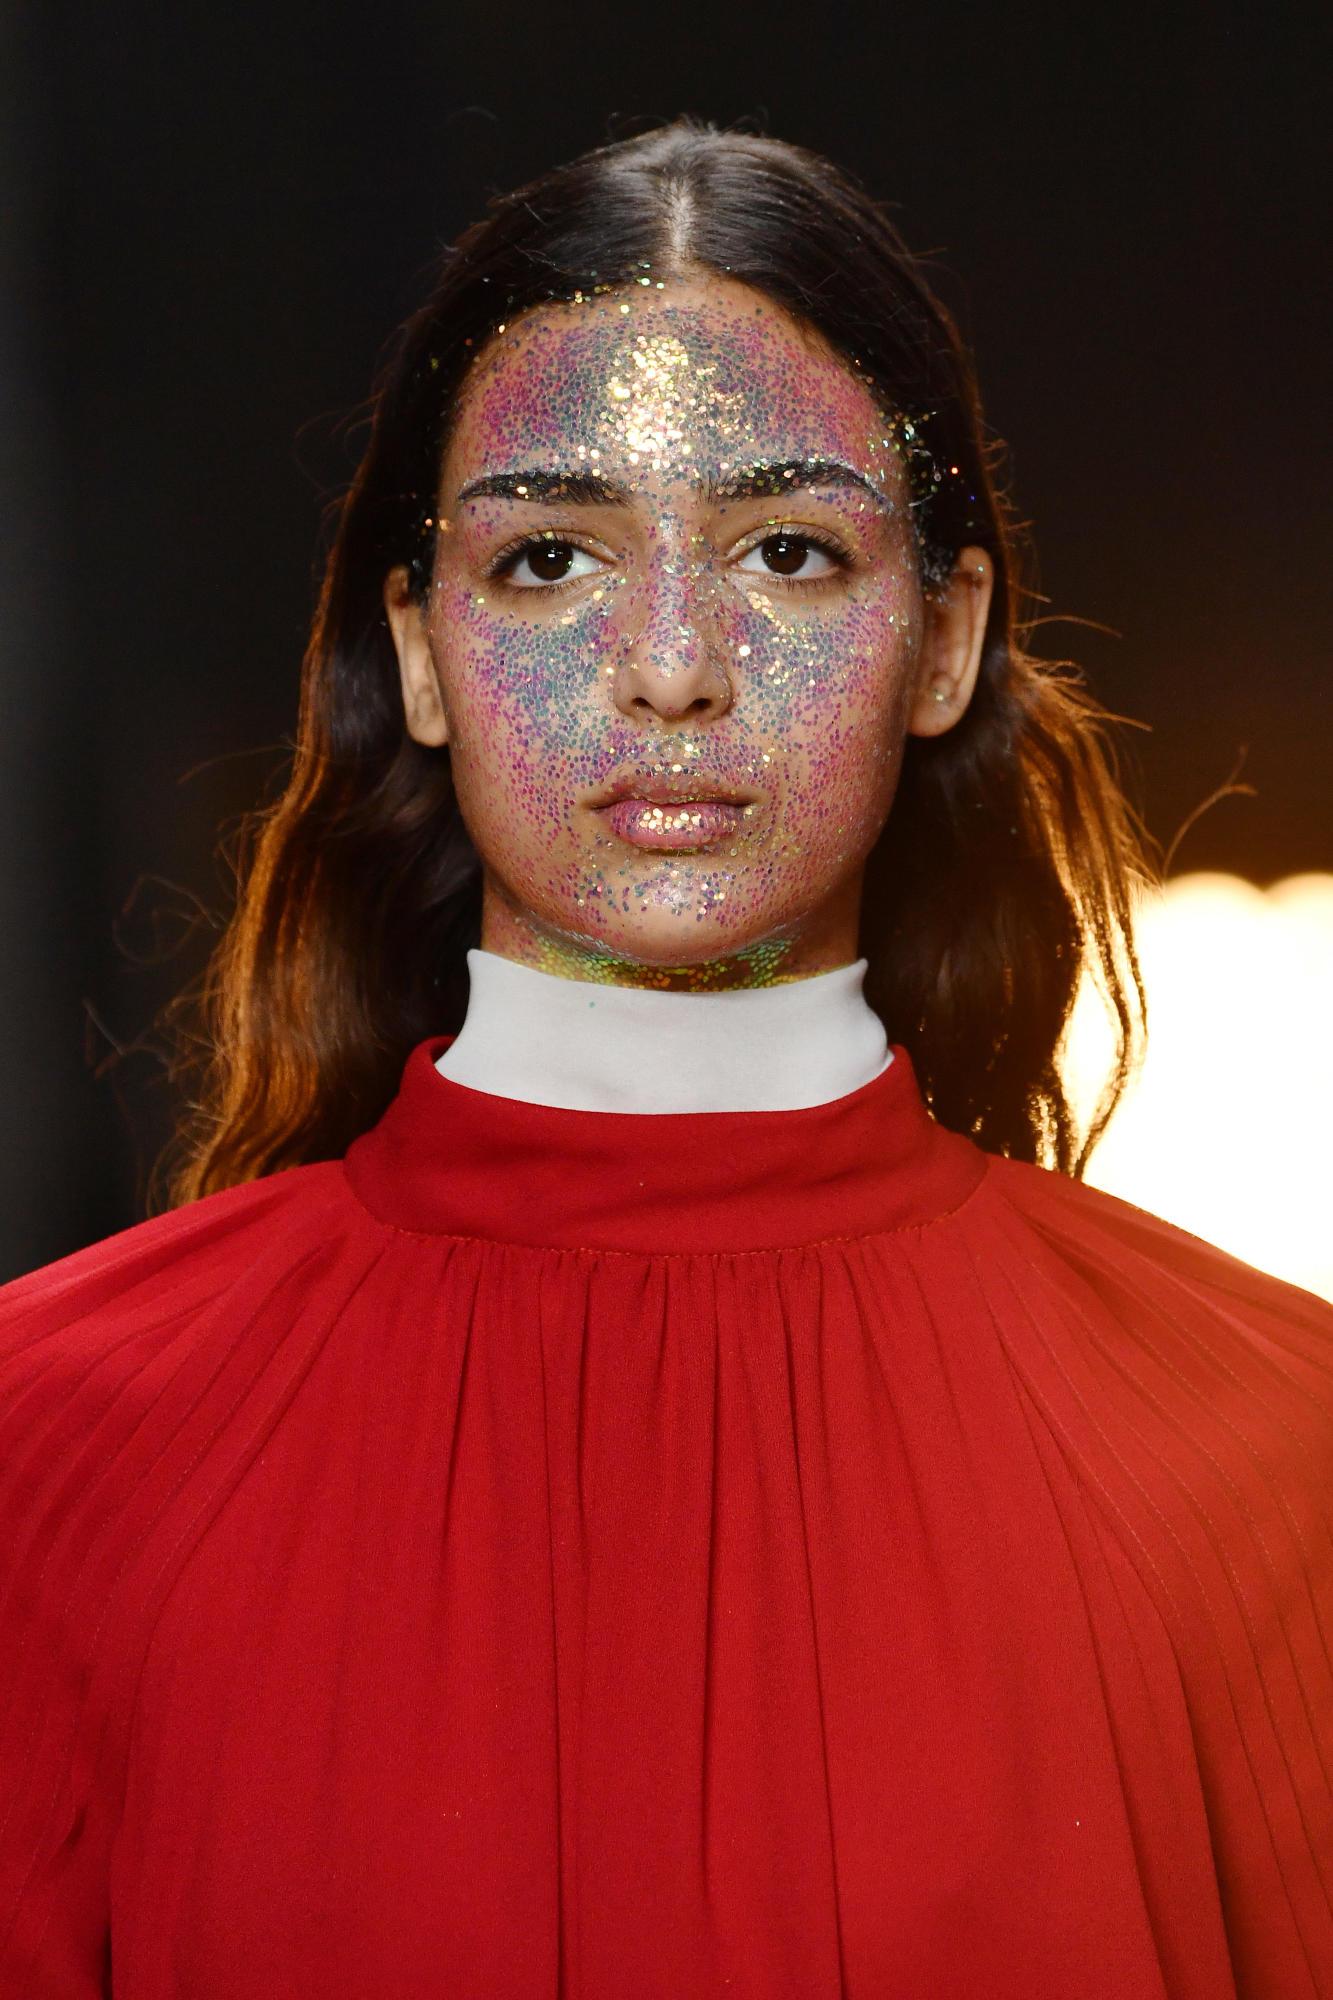 Tendencia 2018: Maquillaje con escarcha o glitter